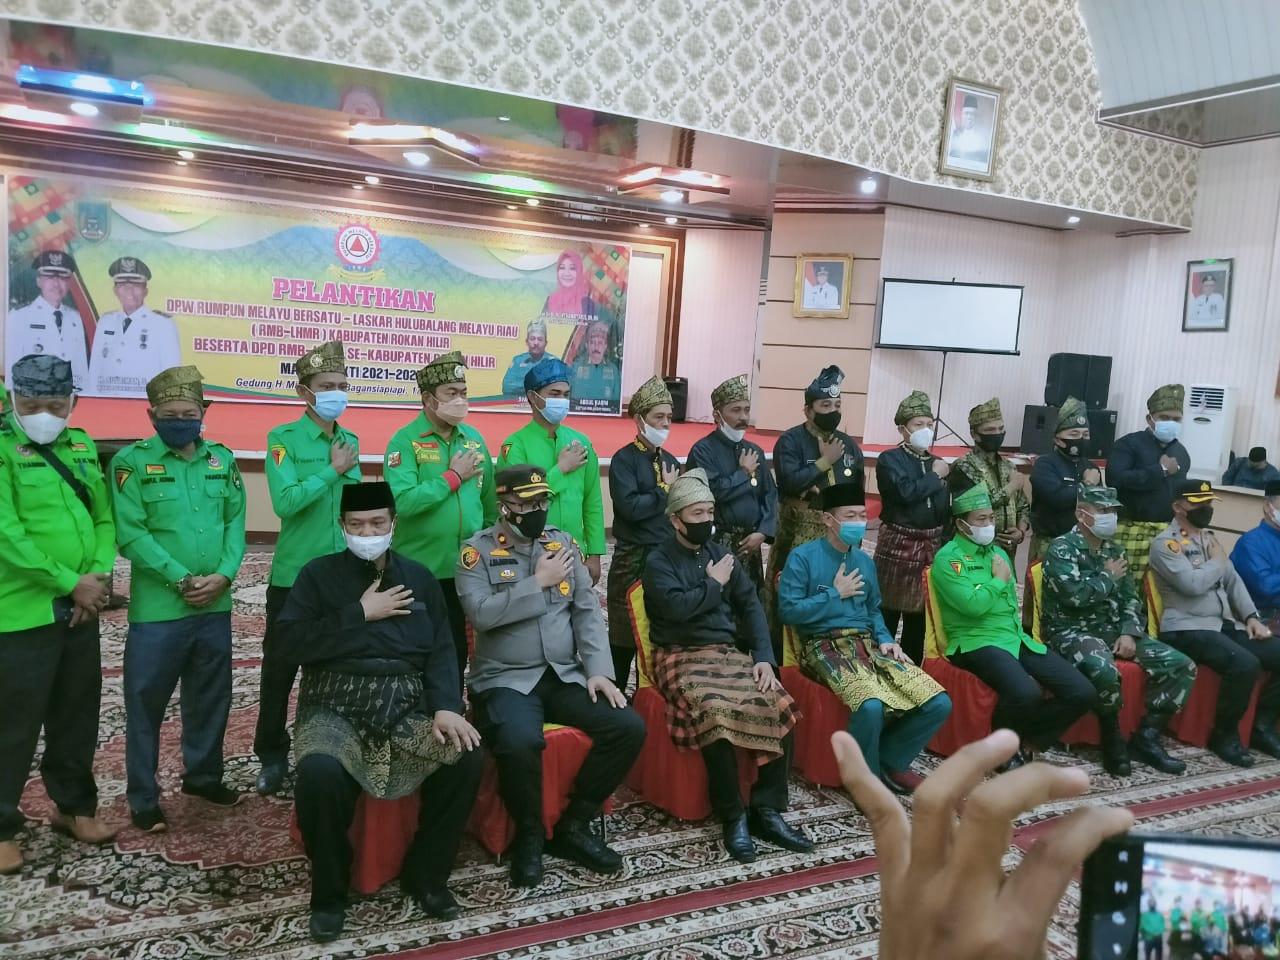 DPW RMB-LHMR Pekanbaru Hadiri Pelantikan DPW RMB-LHMR Rohil